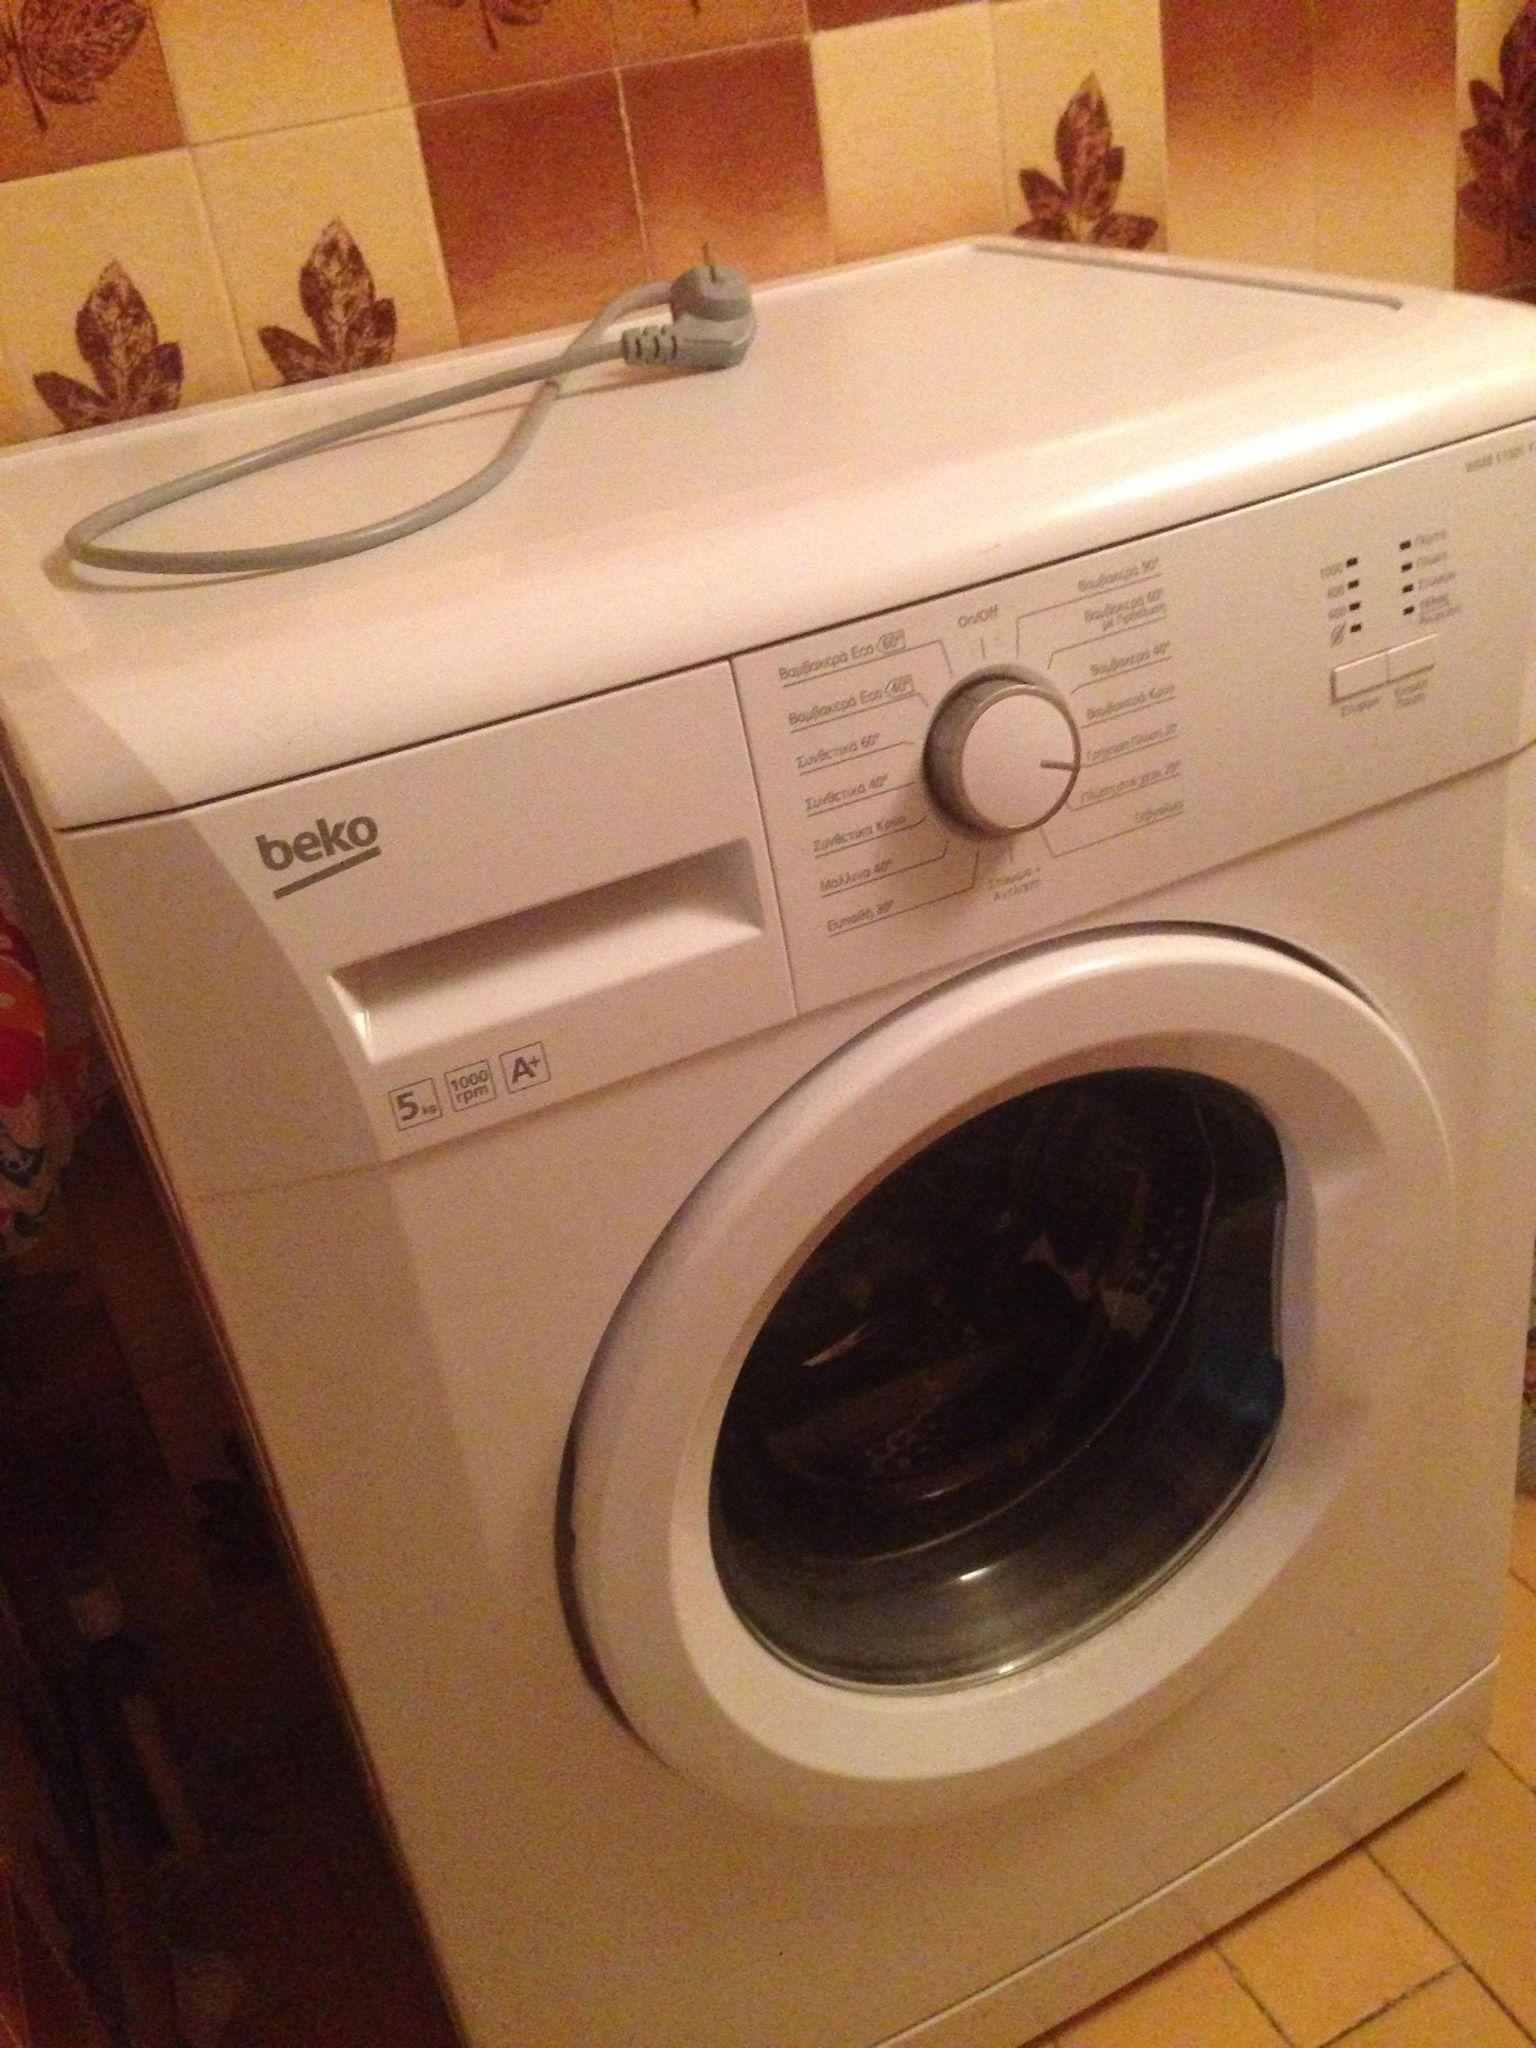 Πωλείται Πλυντήριο ρούχων BEKO